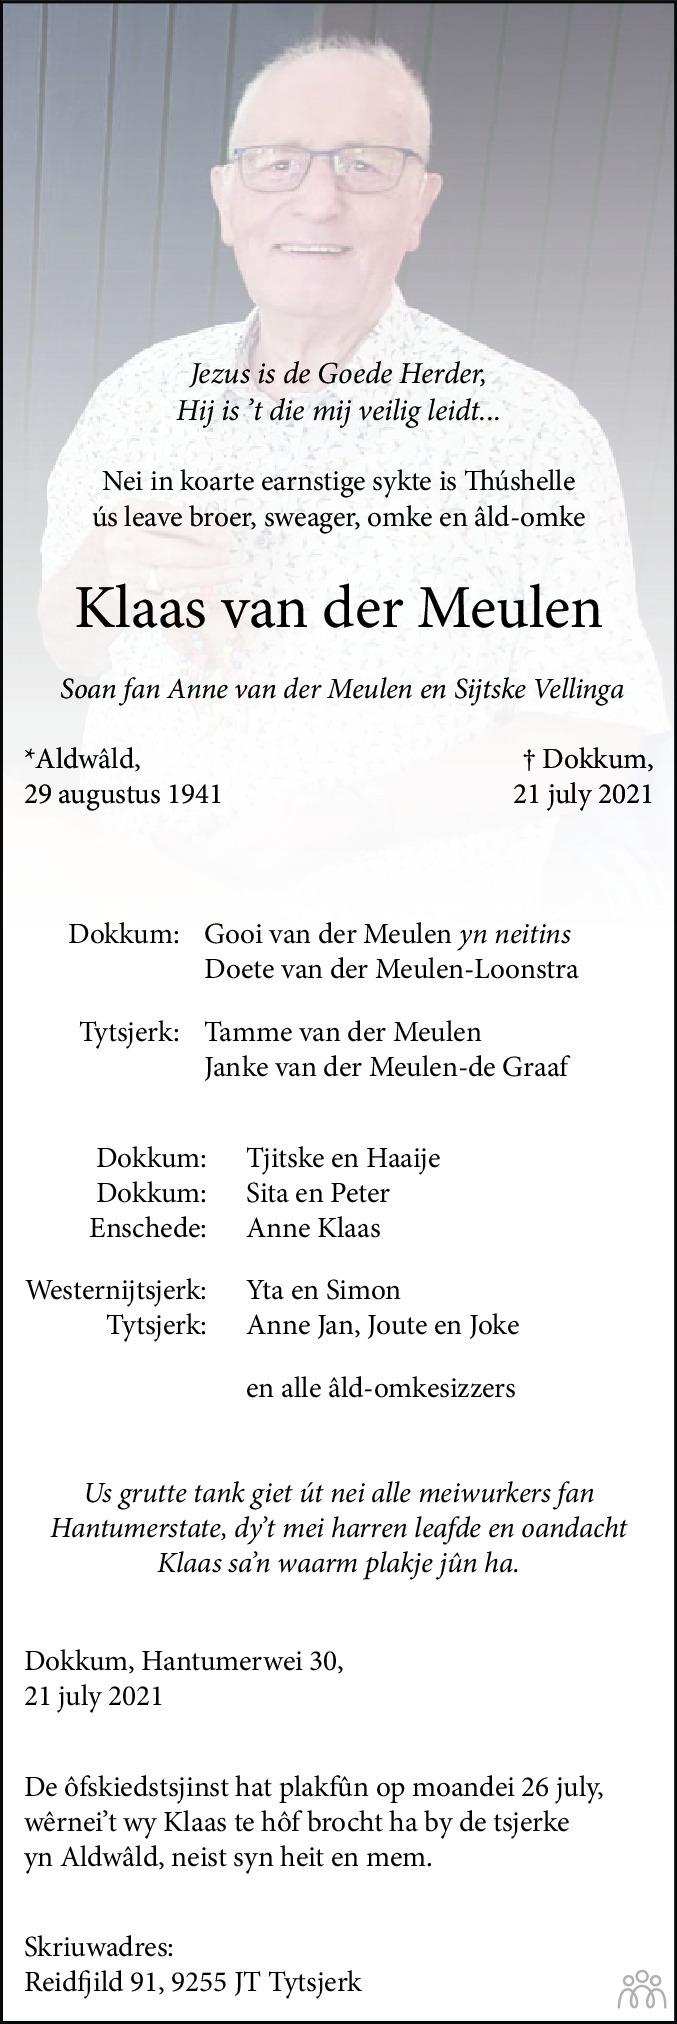 Overlijdensbericht van Klaas van der Meulen in Dockumer Courant